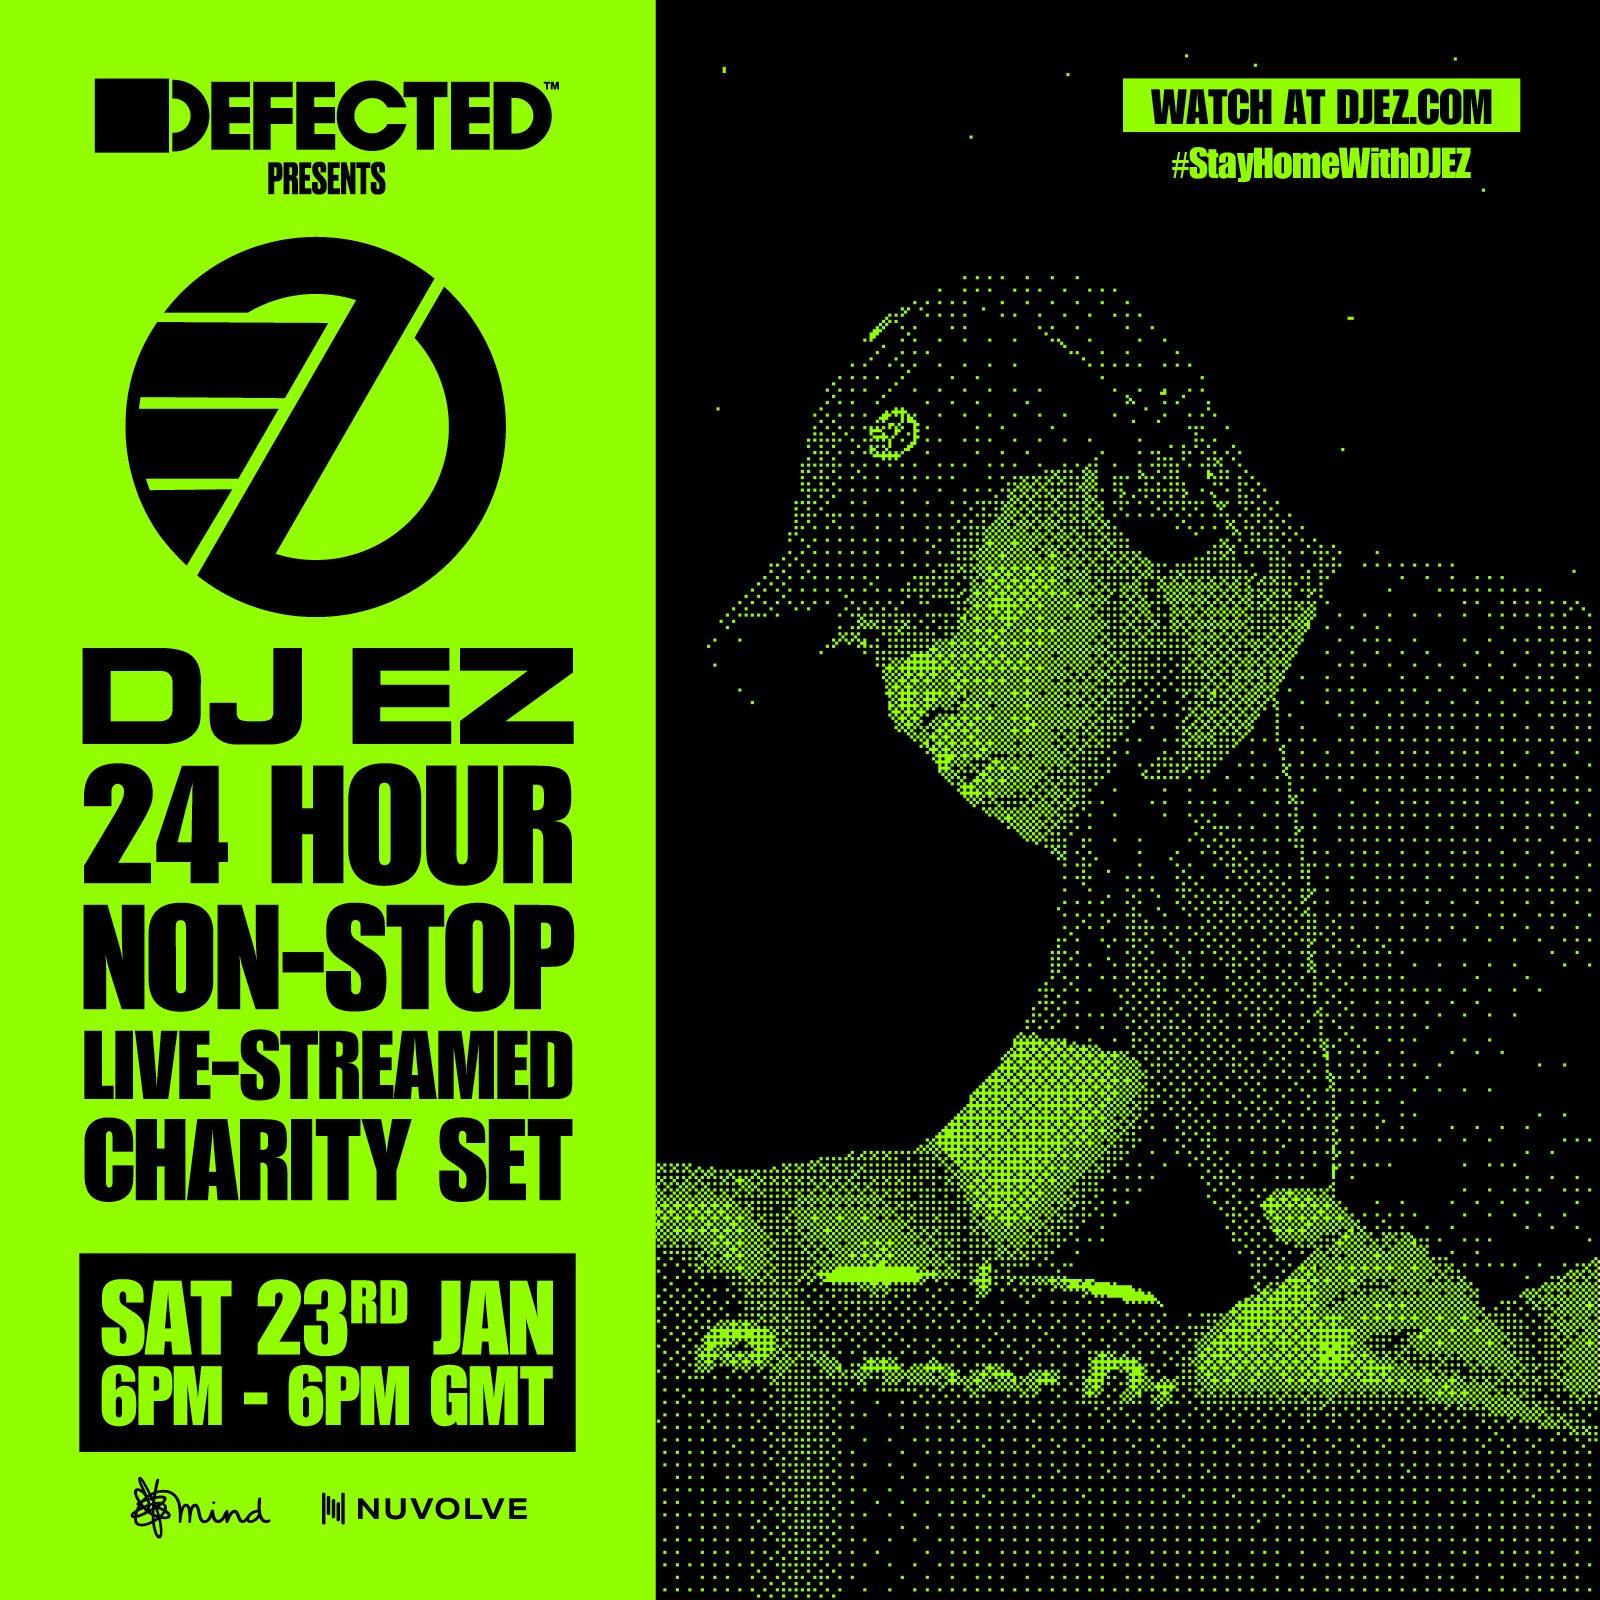 DJ EZ 24 hr set